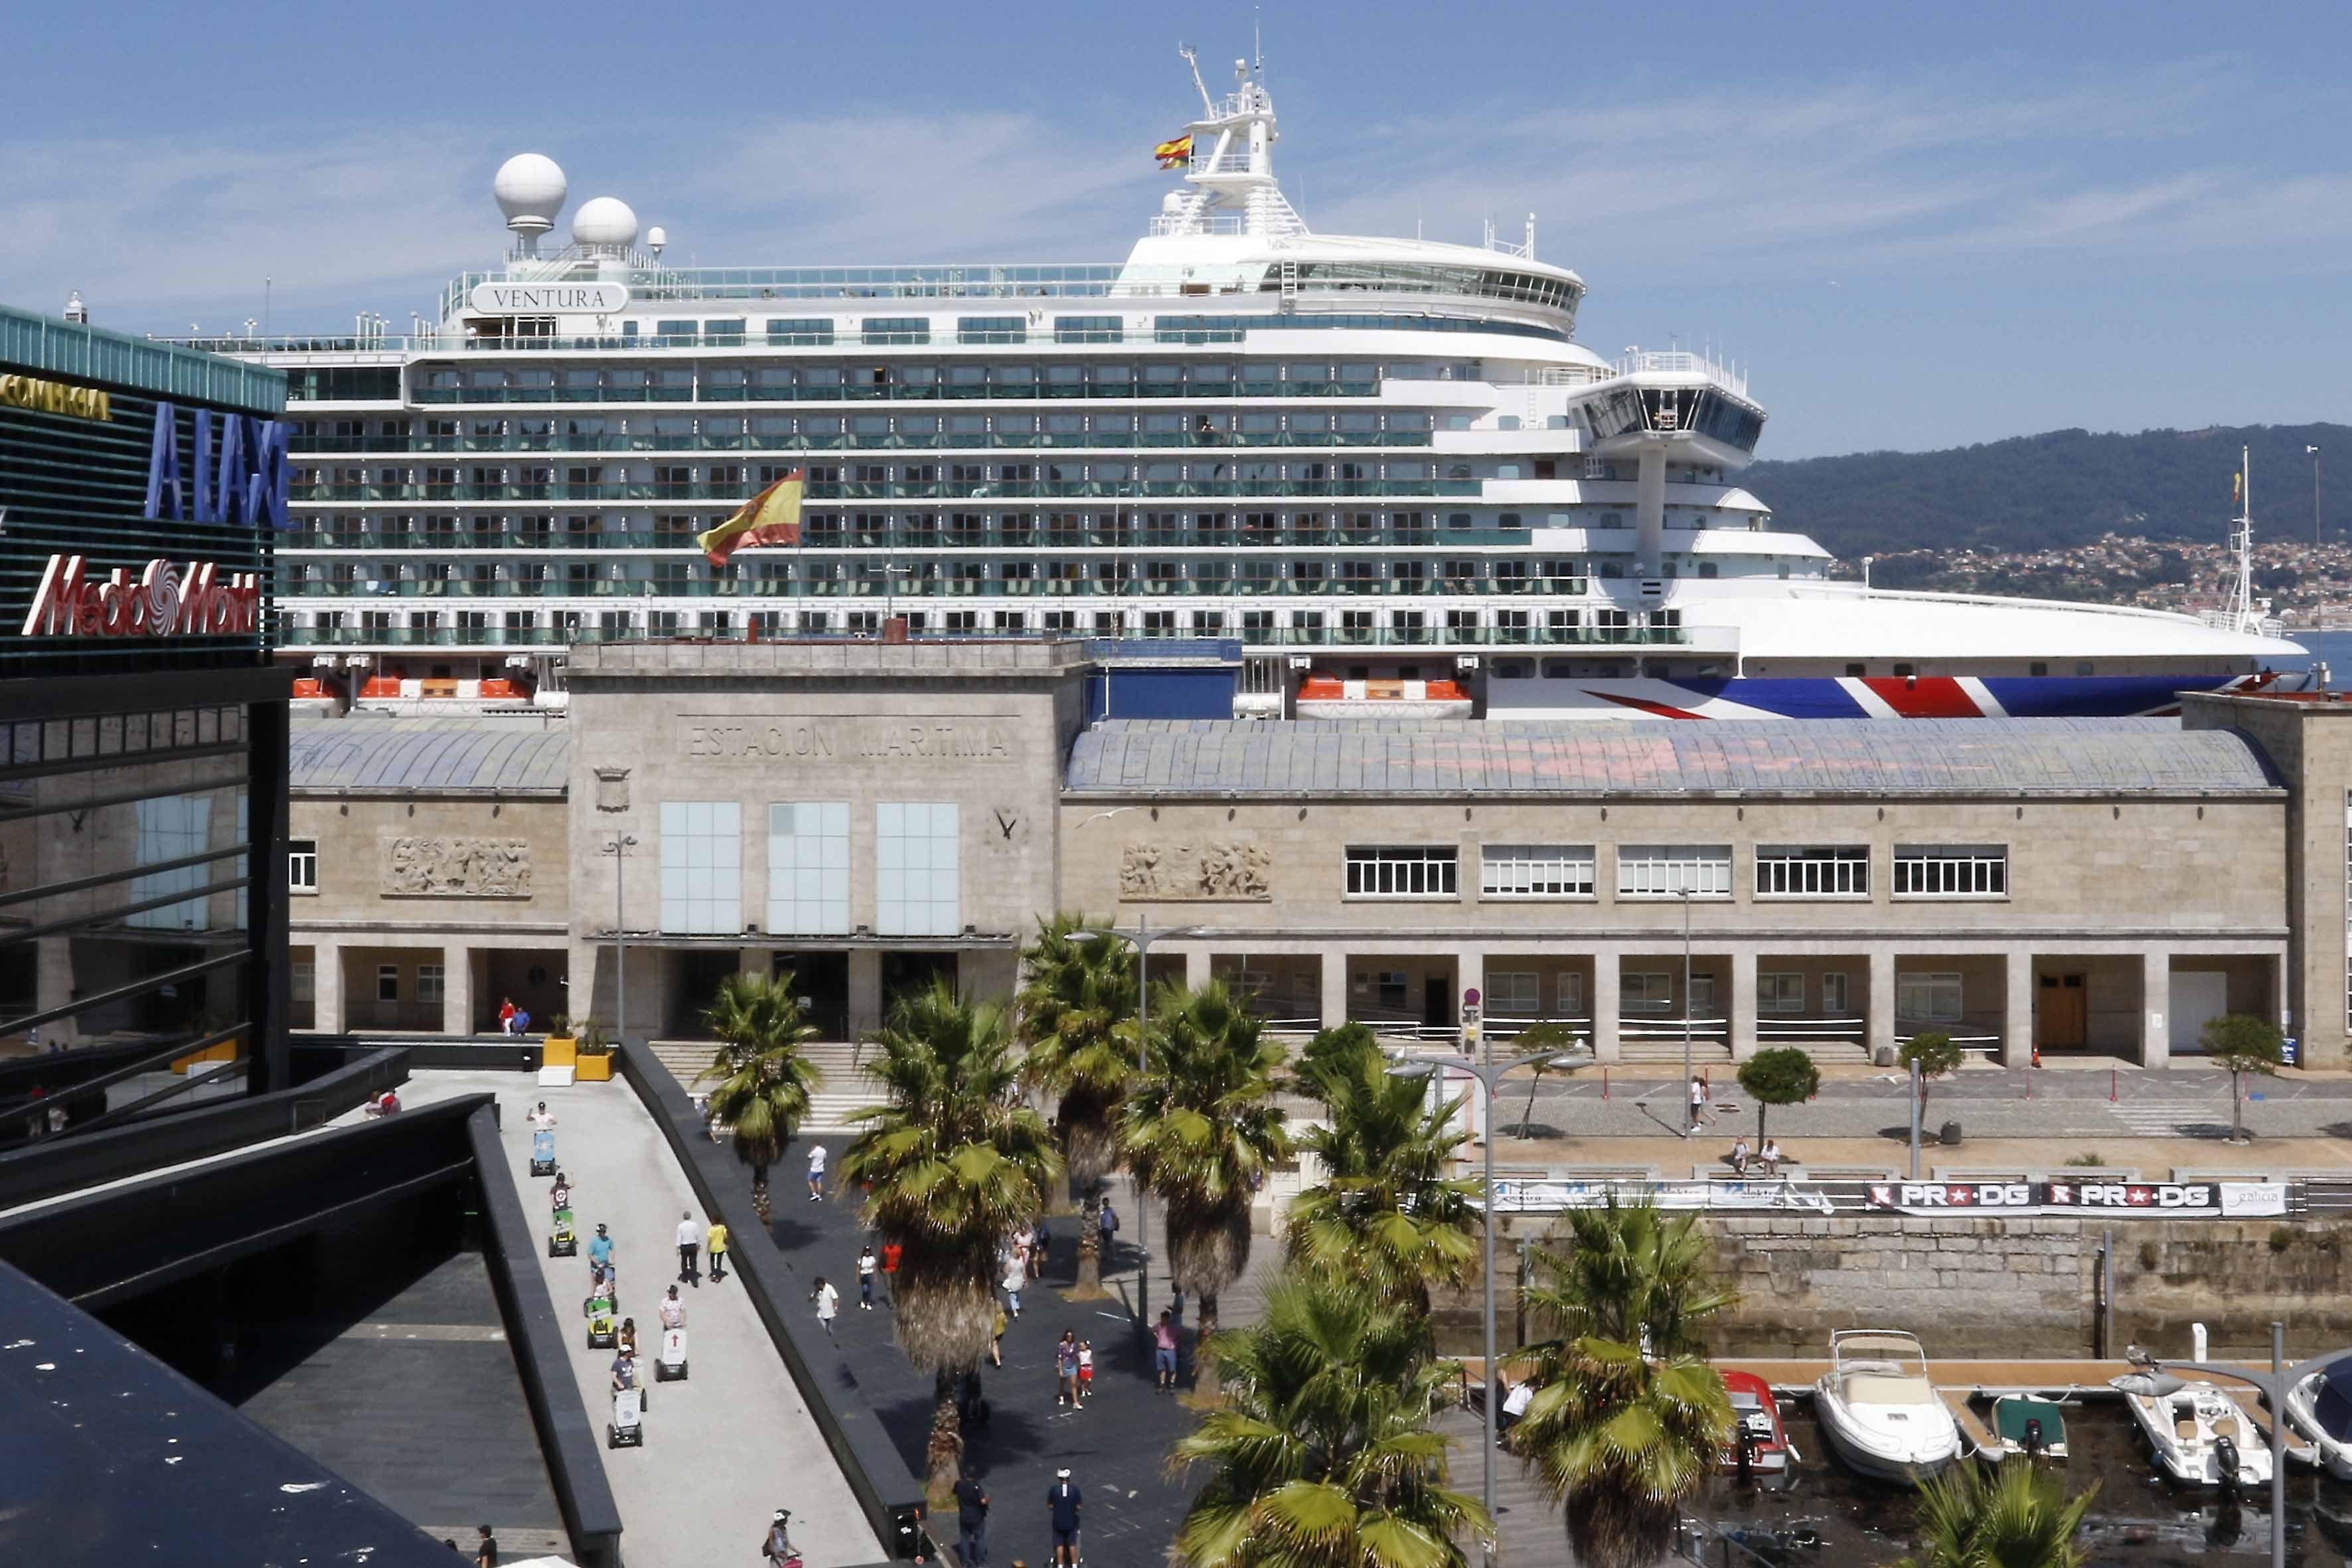 Siete cruceros y una escala inaugural este mes - Vigo - Atlántico Diario